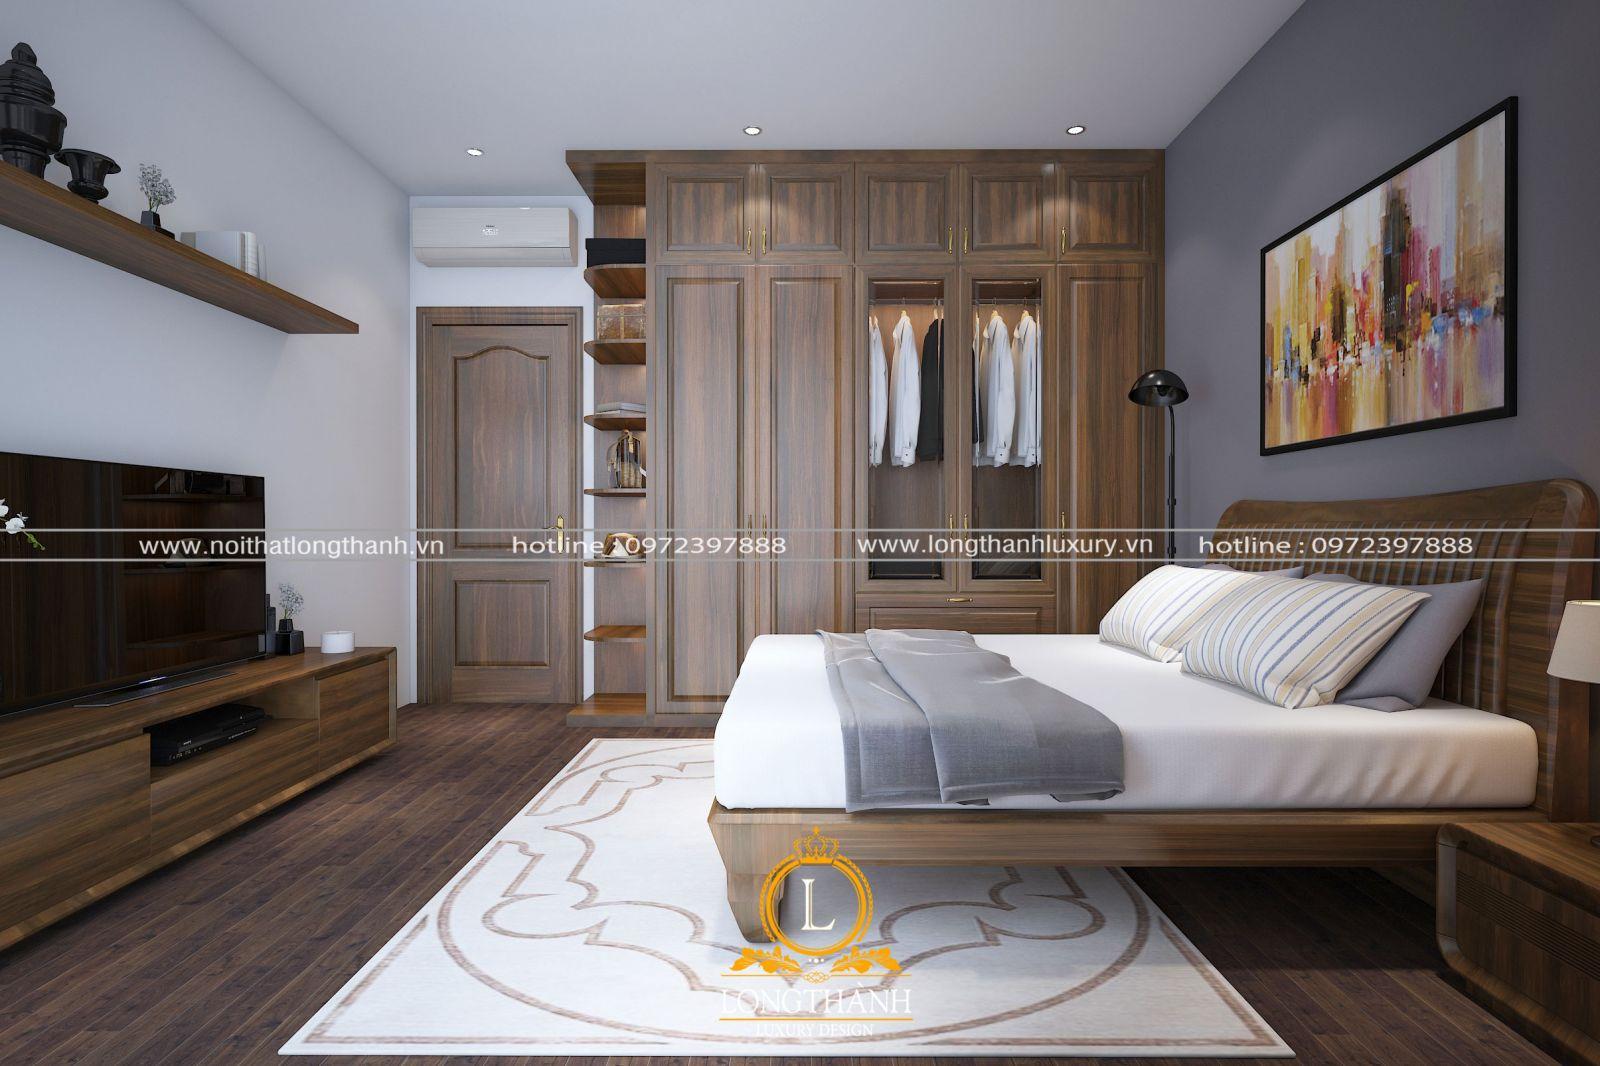 Màu sáng cho căn phòng ngủ hiện đại cuốn hút